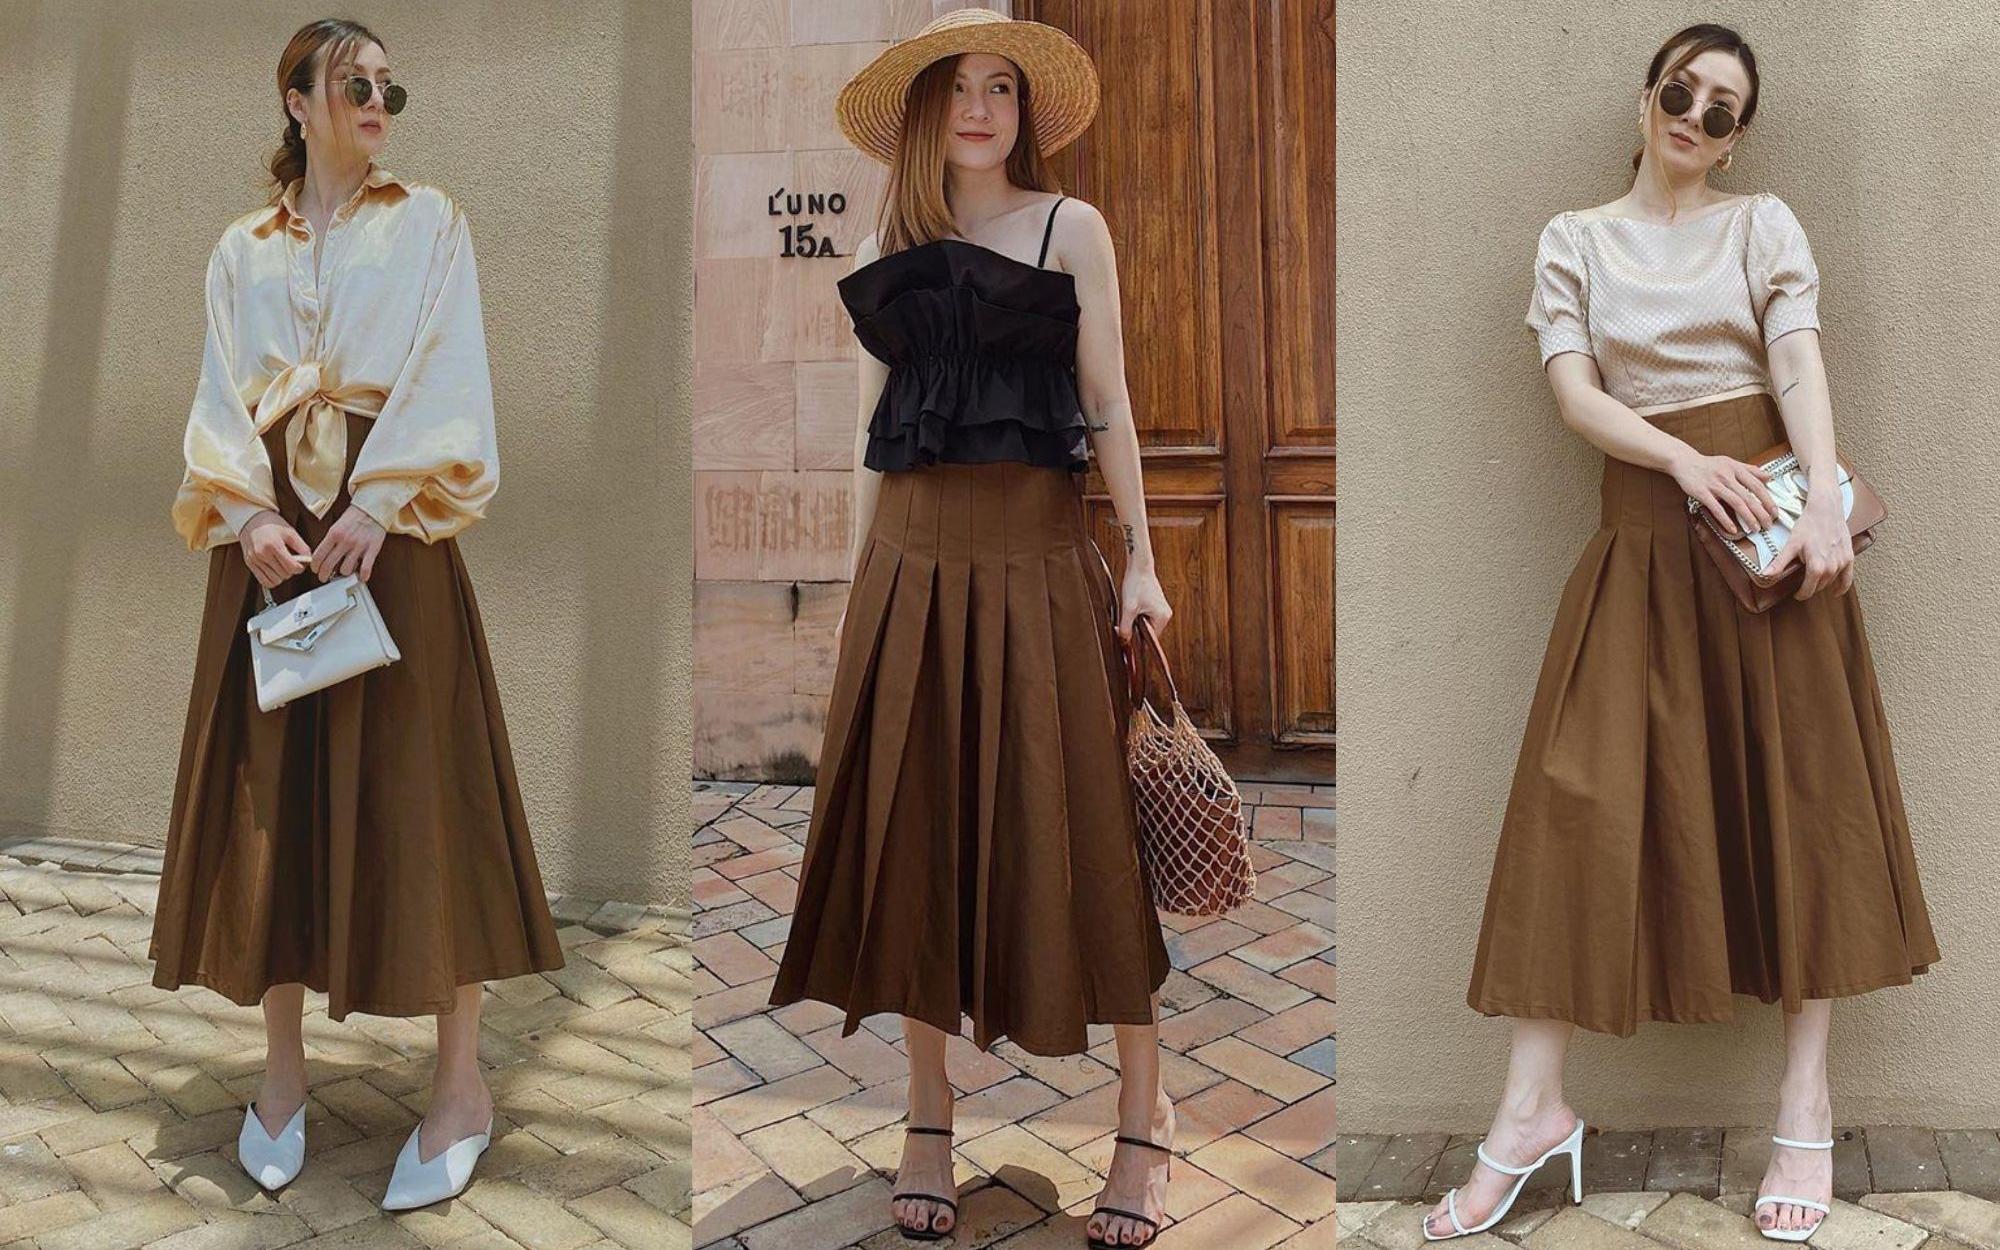 Chỉ với 3 kiểu chân váy mà Yến Trang và Yến Nhi chế được bao set đồ siêu sang, chị em cần gì sắm nhiều cho tốn kém